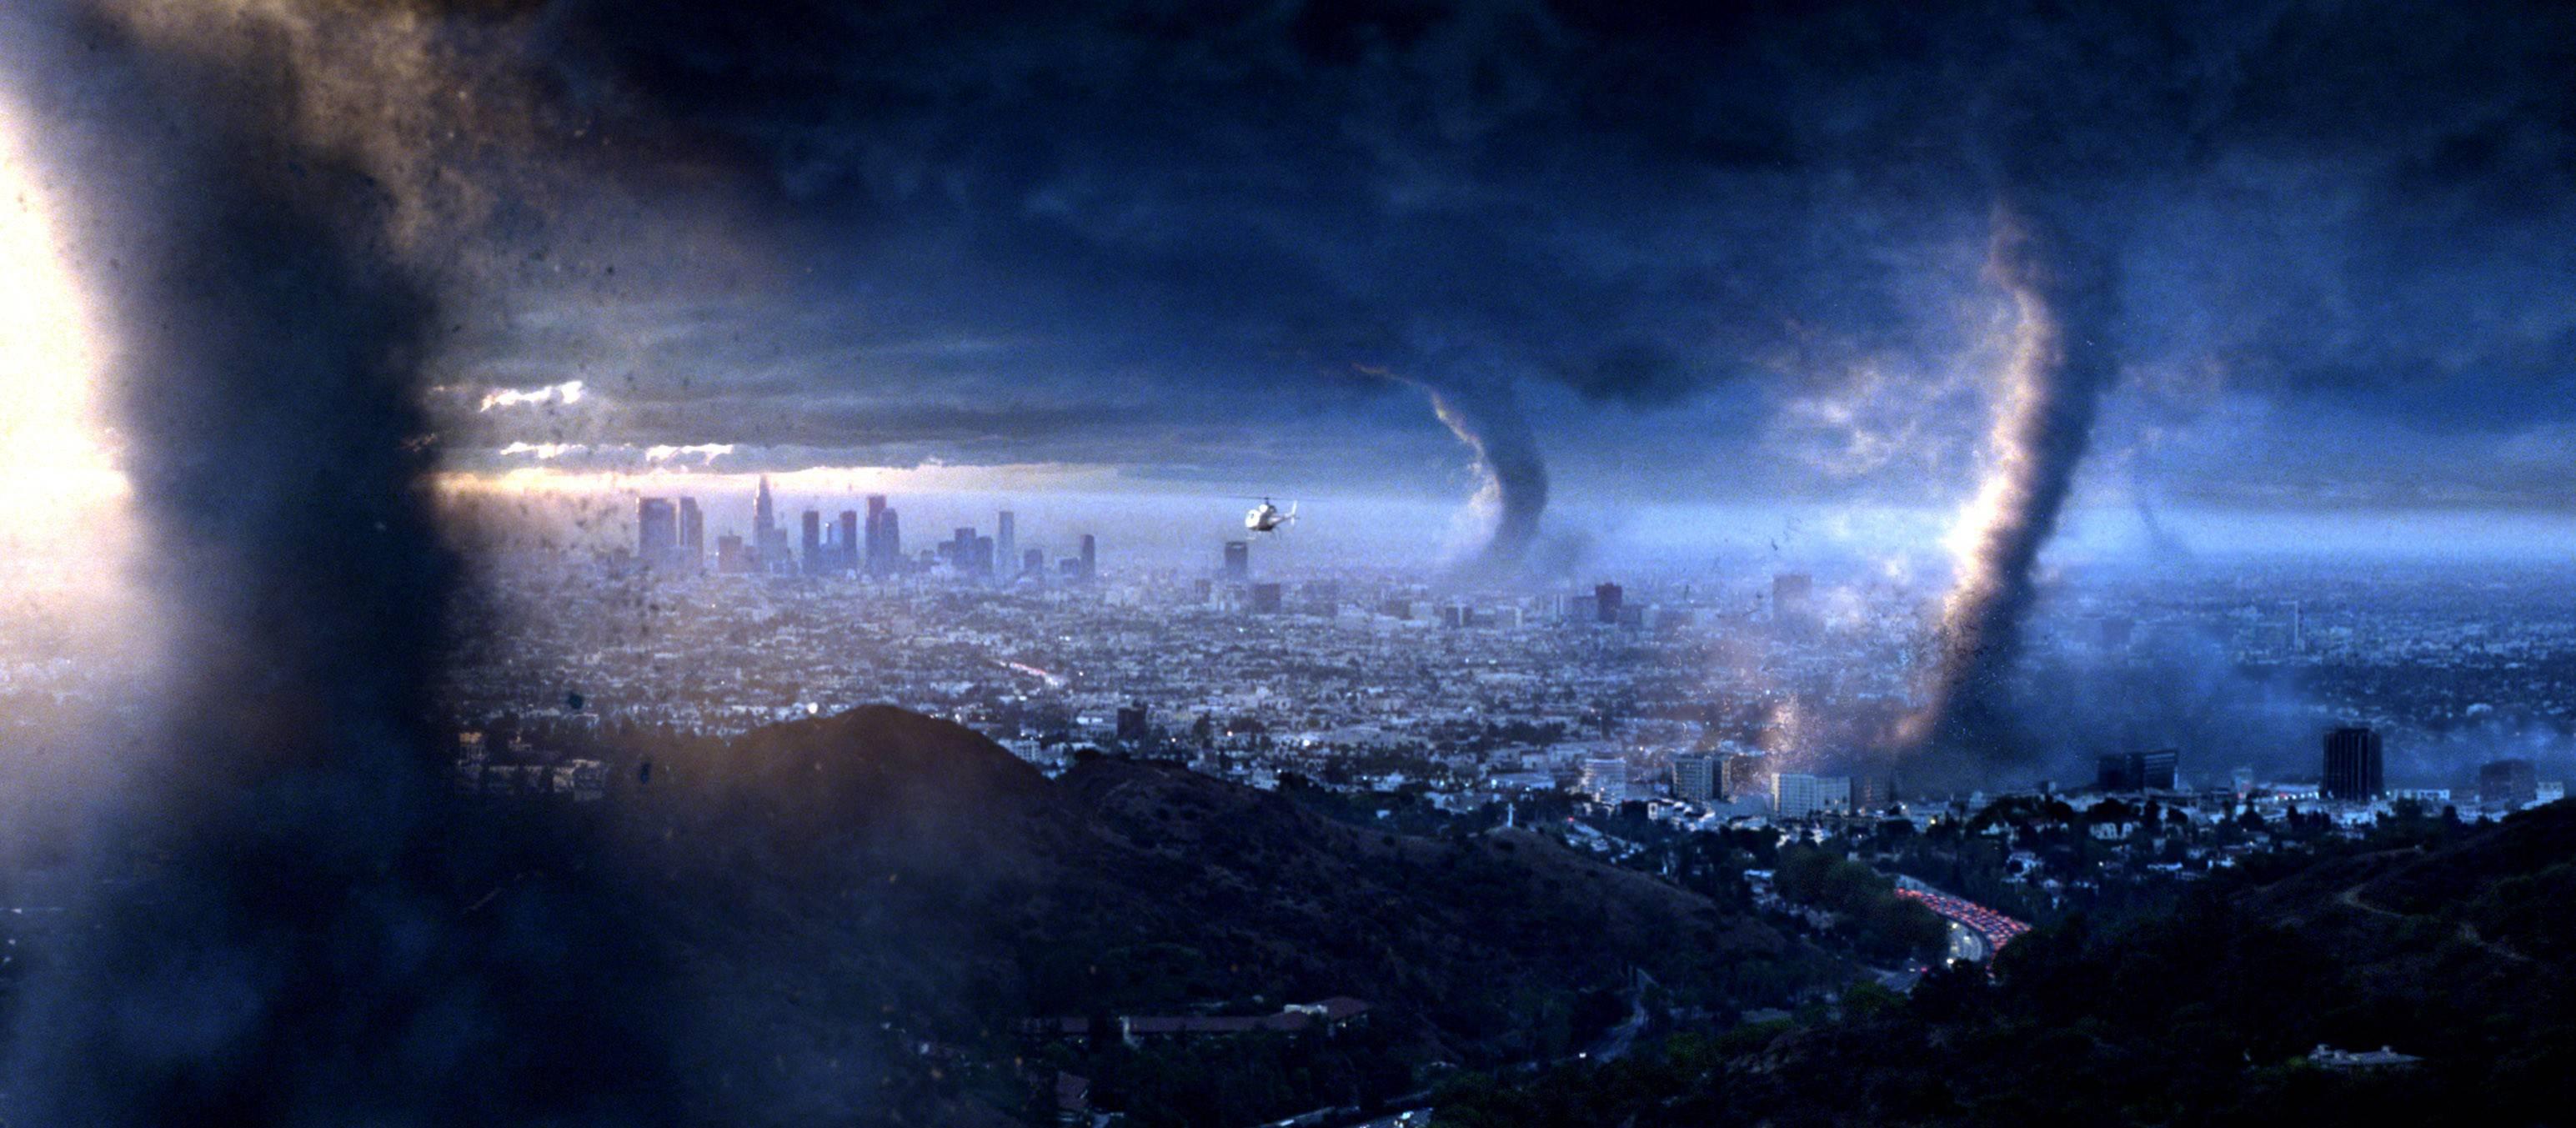 Эксперты говорят о дате нового конца света: будет ли апокалипсис 4 июля 2020